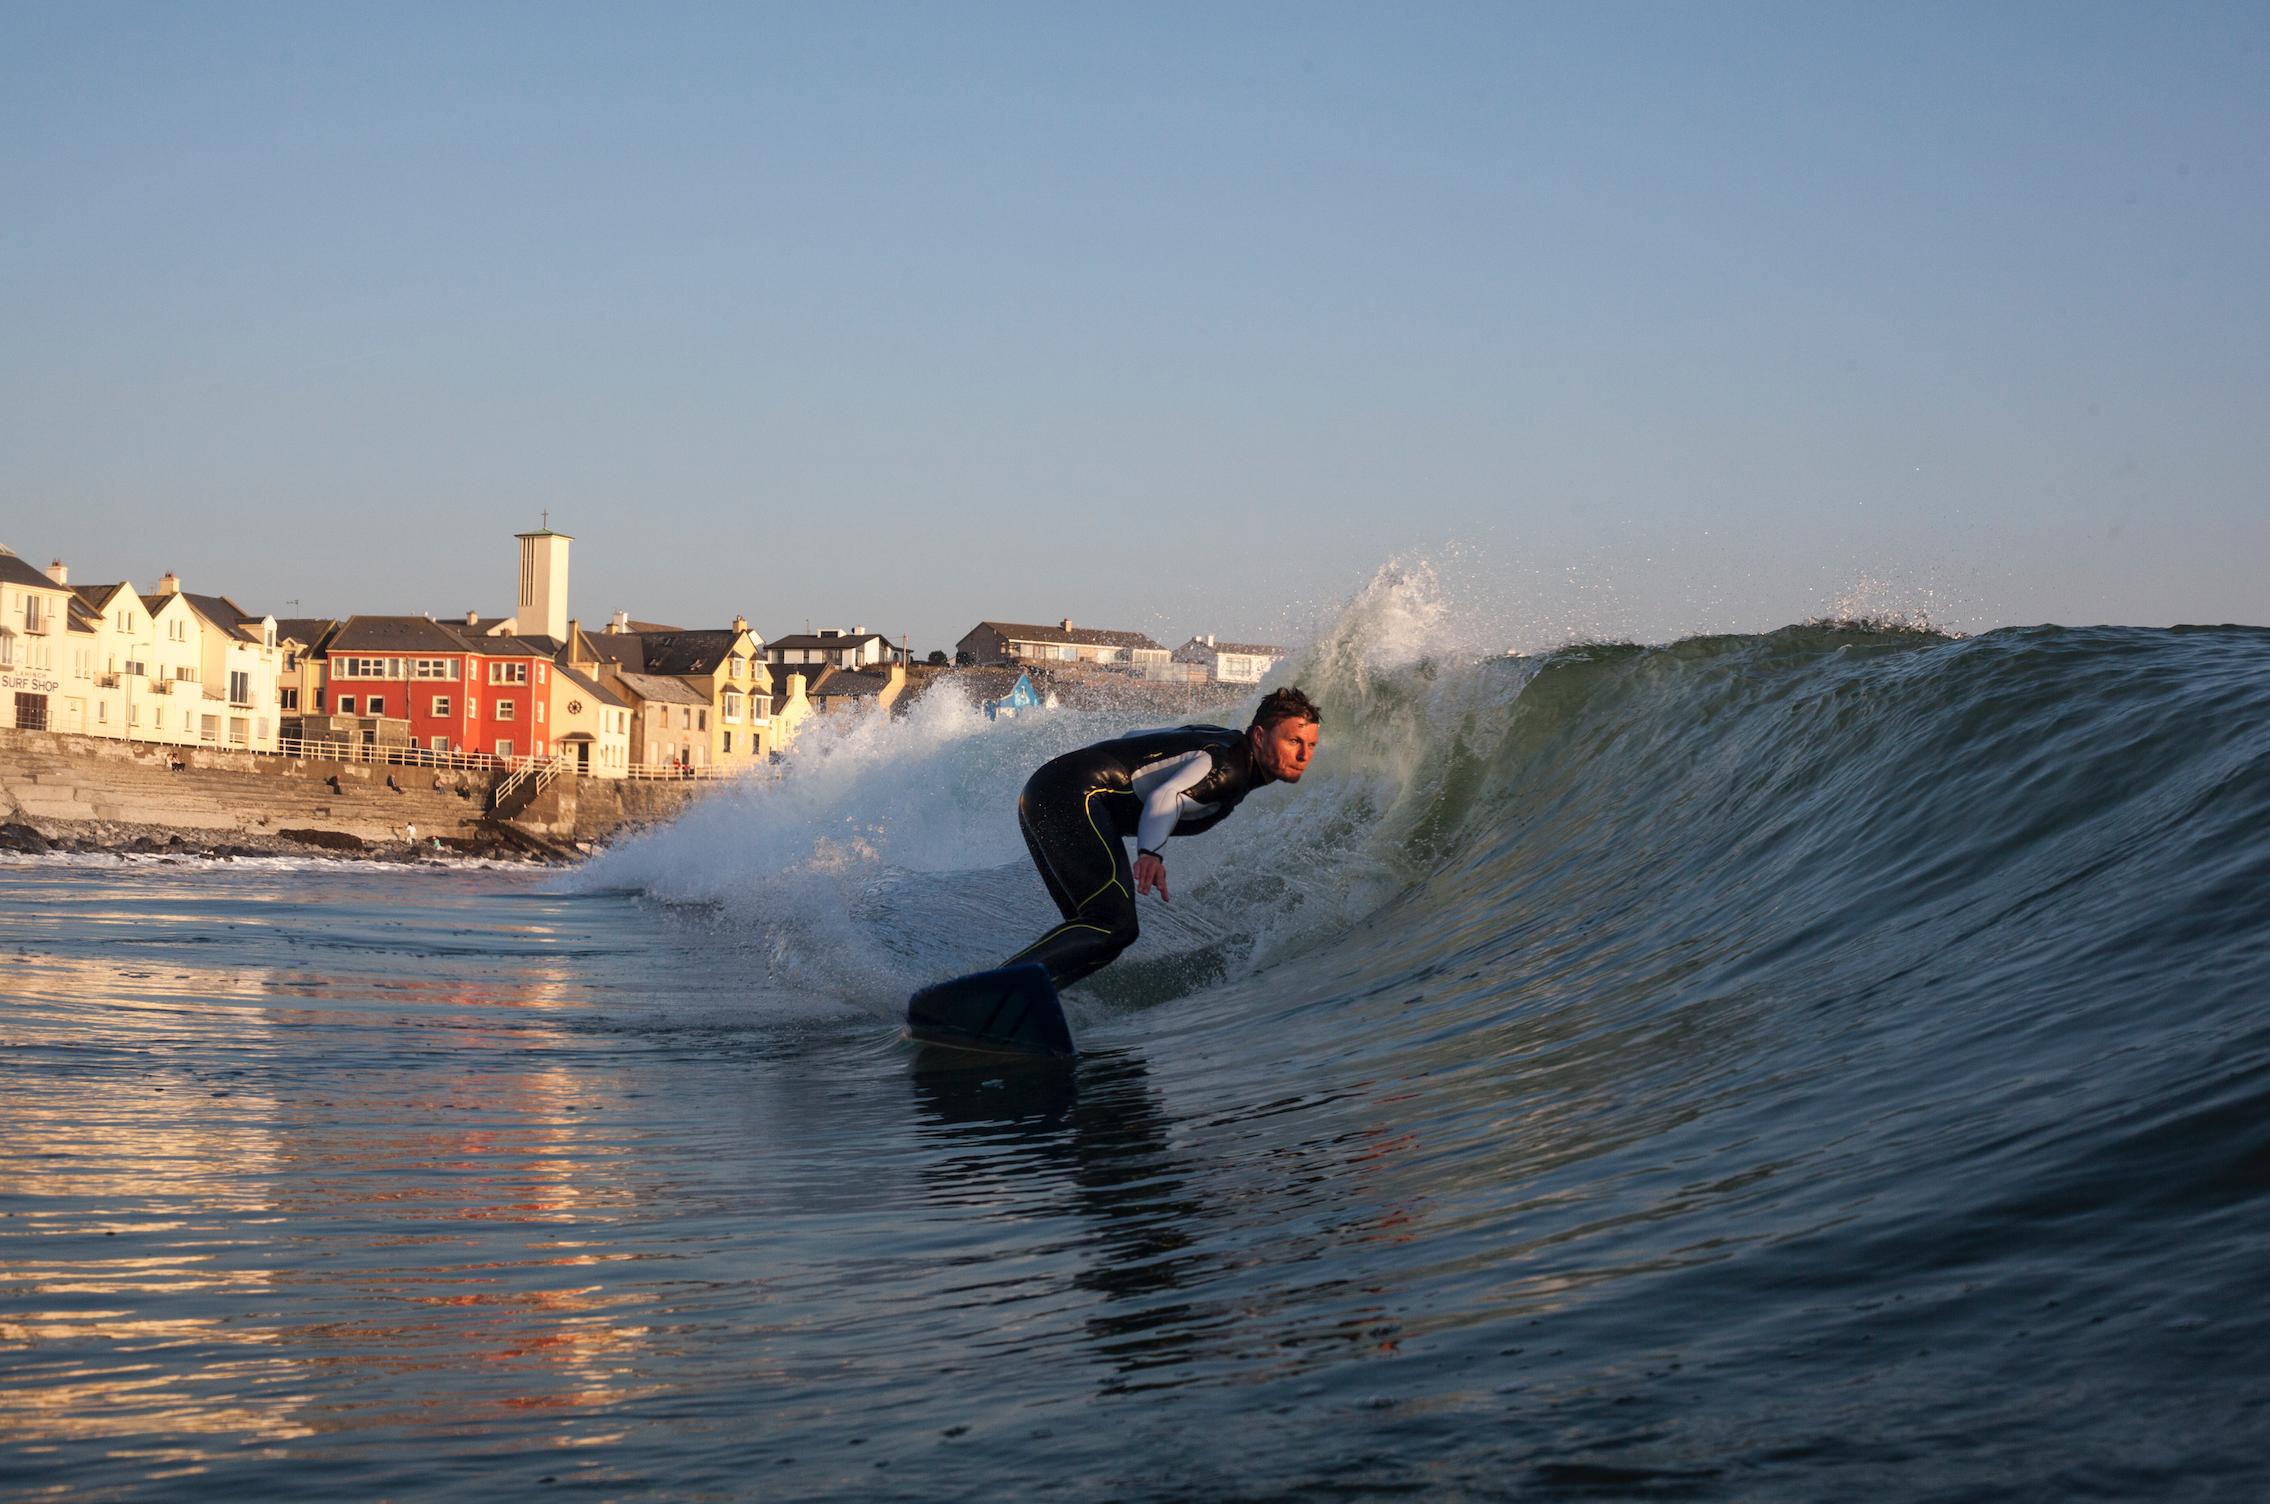 Ollie surfing Lahinch beach